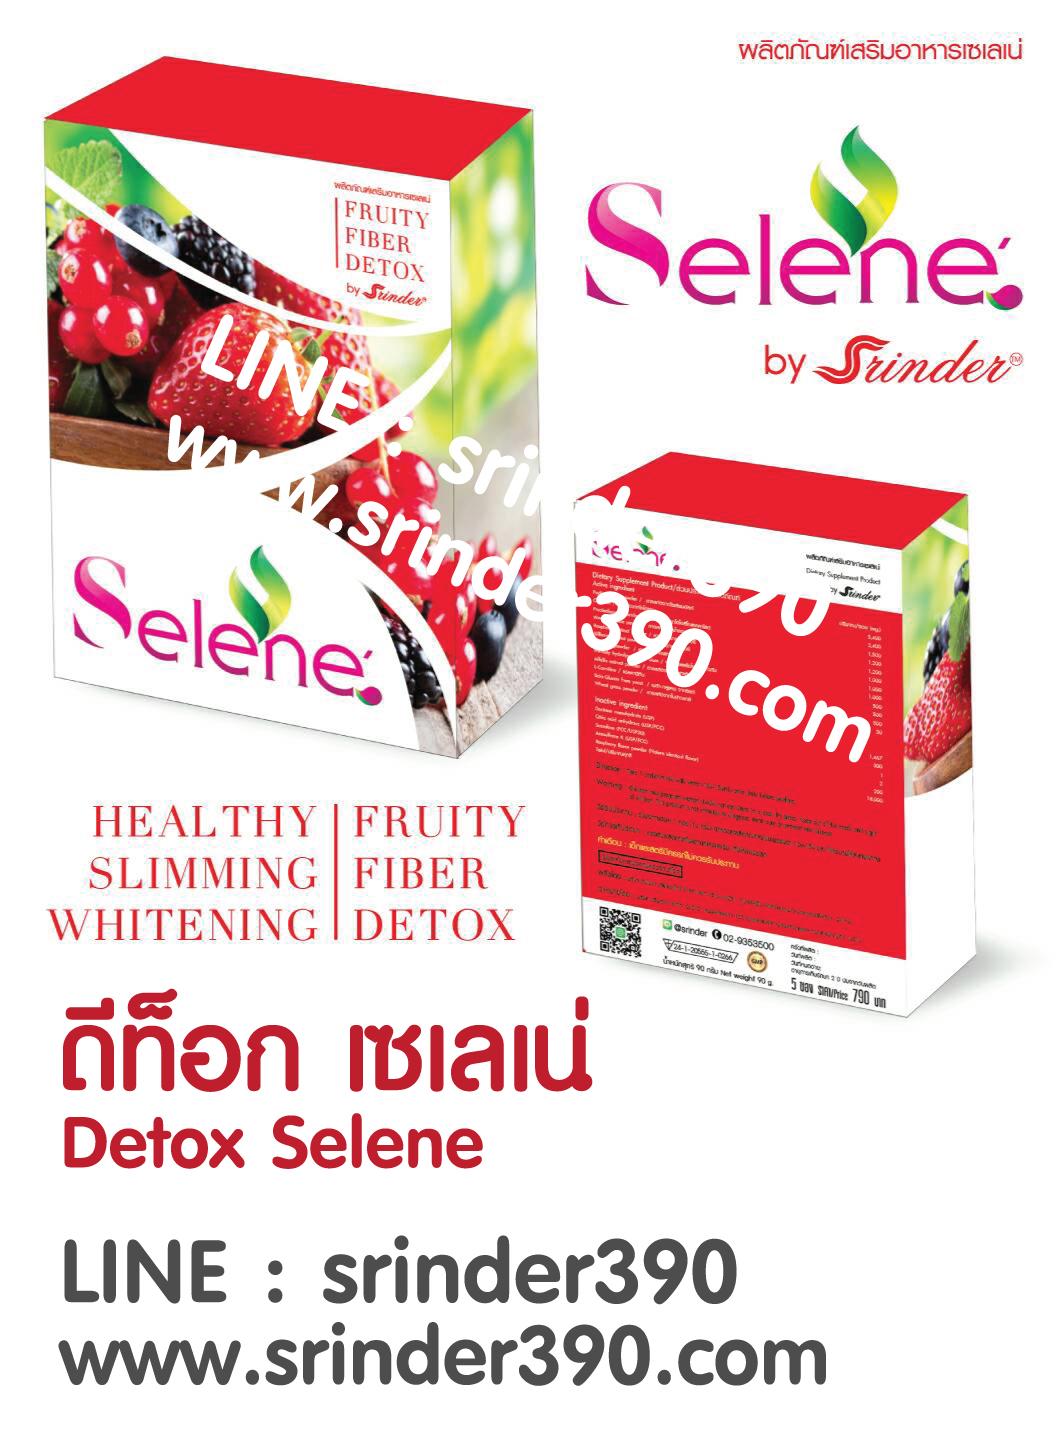 ผลิตภัณฑ์ ดีท็อก เซเลเน่ Detox Selene